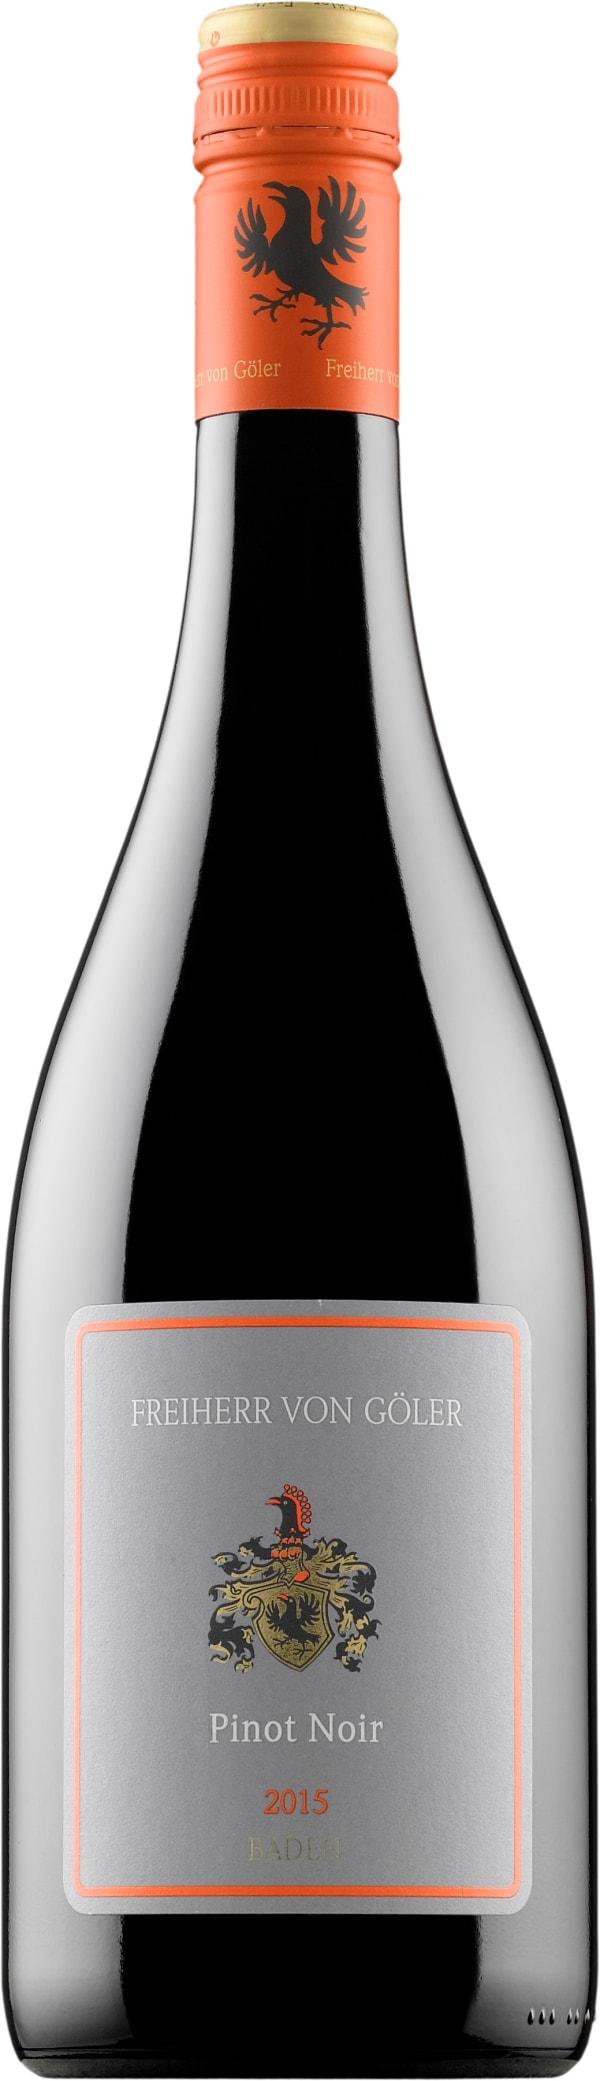 Freiherr von Göler Pinot Noir 2015